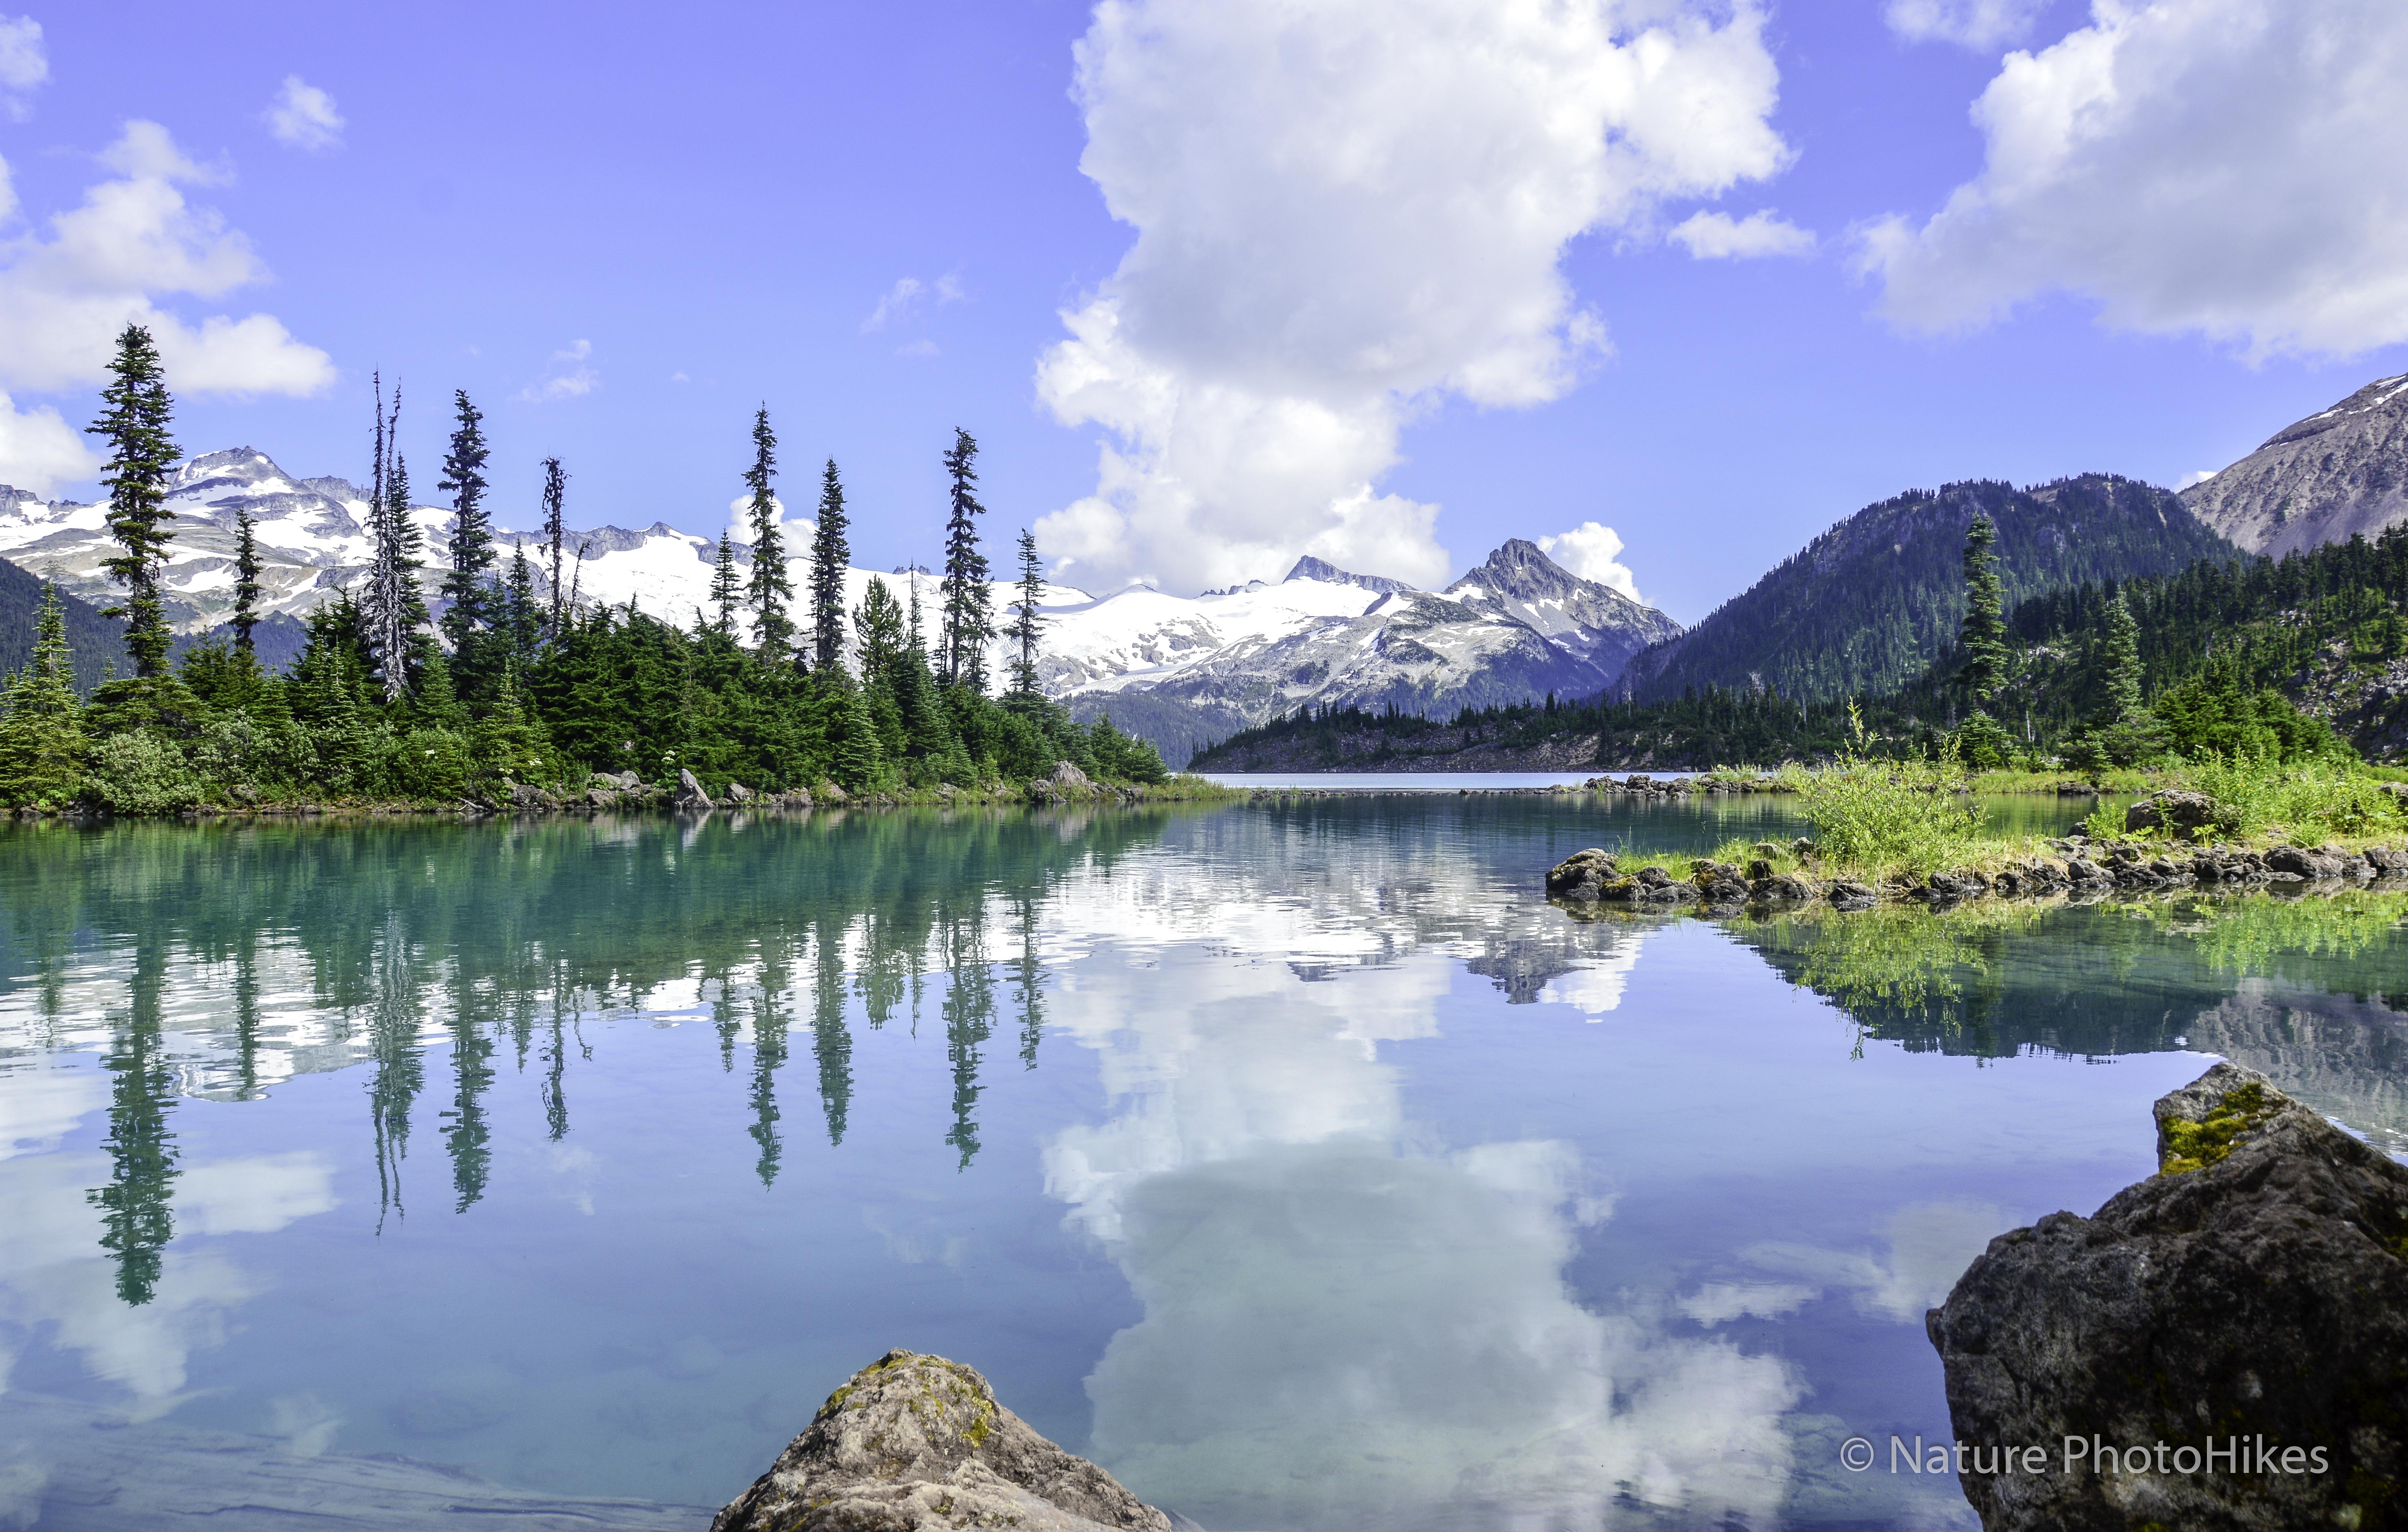 Stunning views of turquois lake